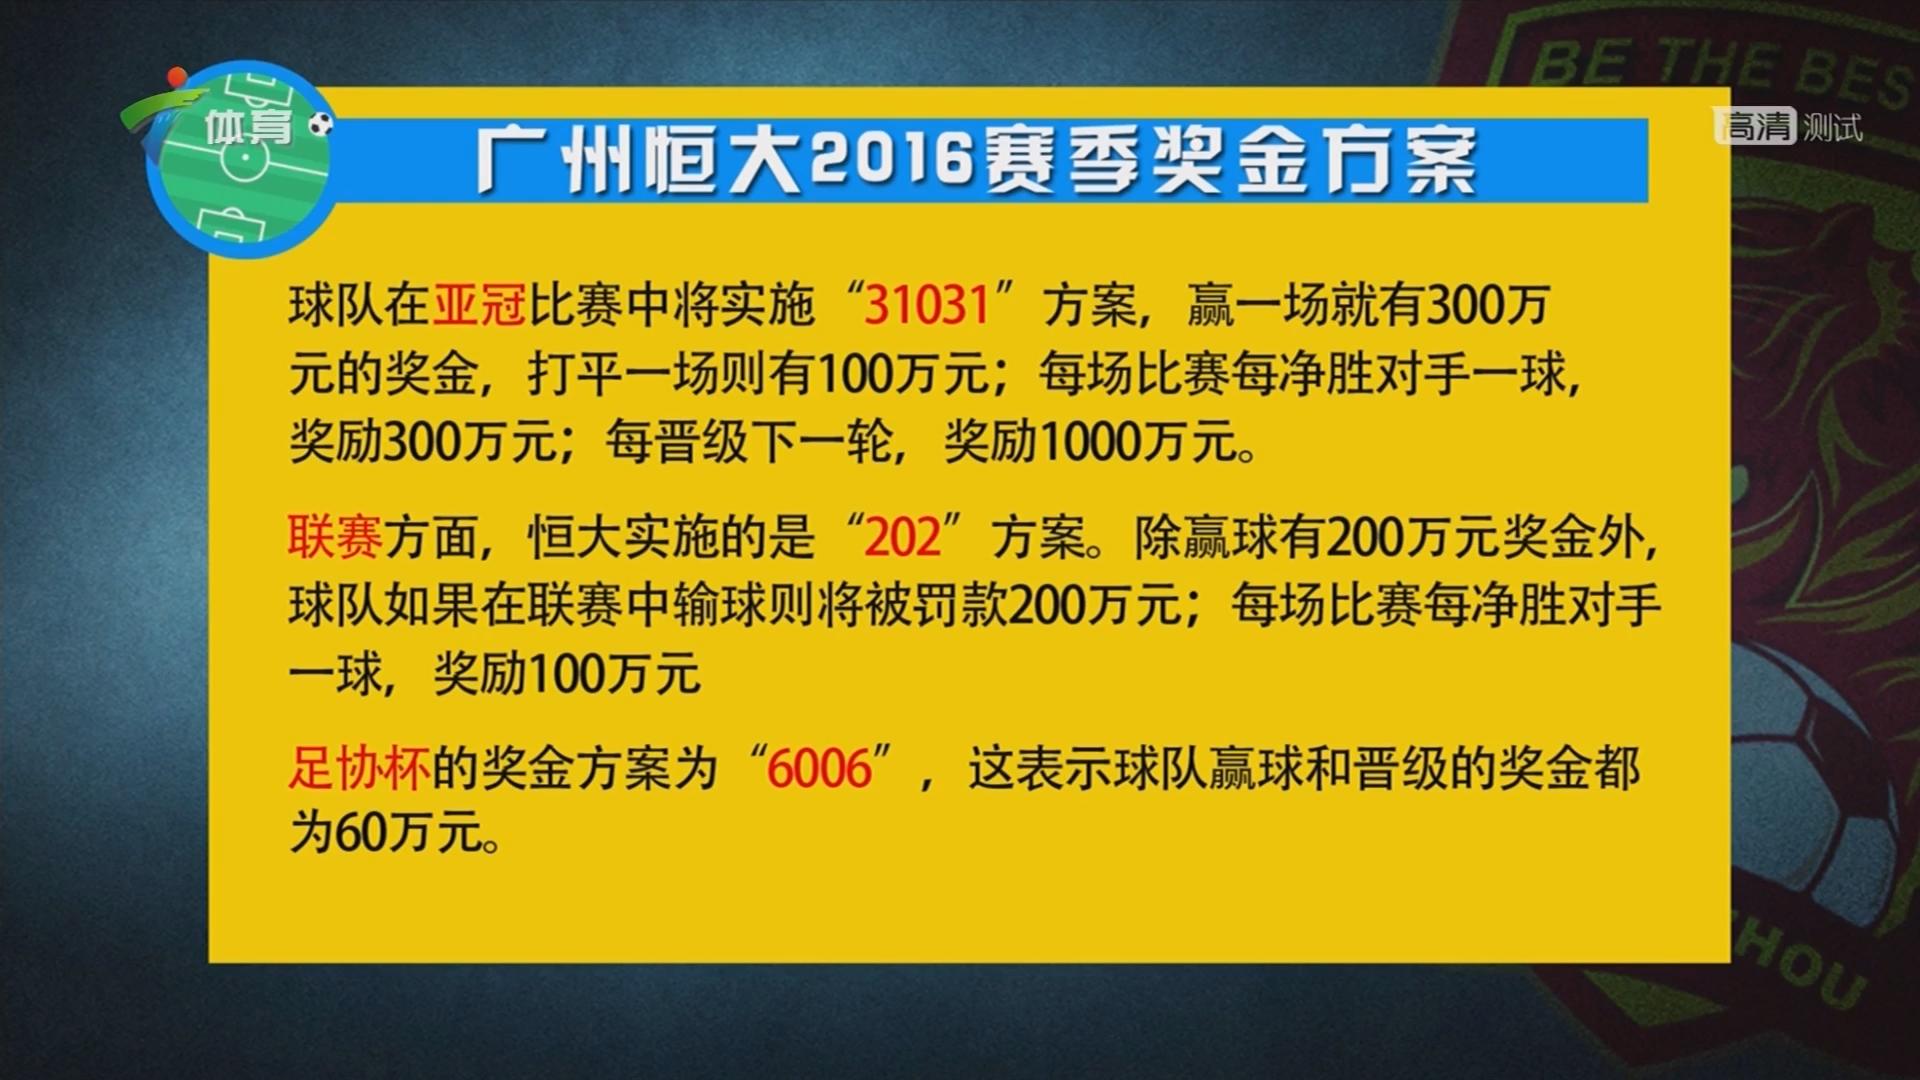 广州恒大2016赛季奖金方案